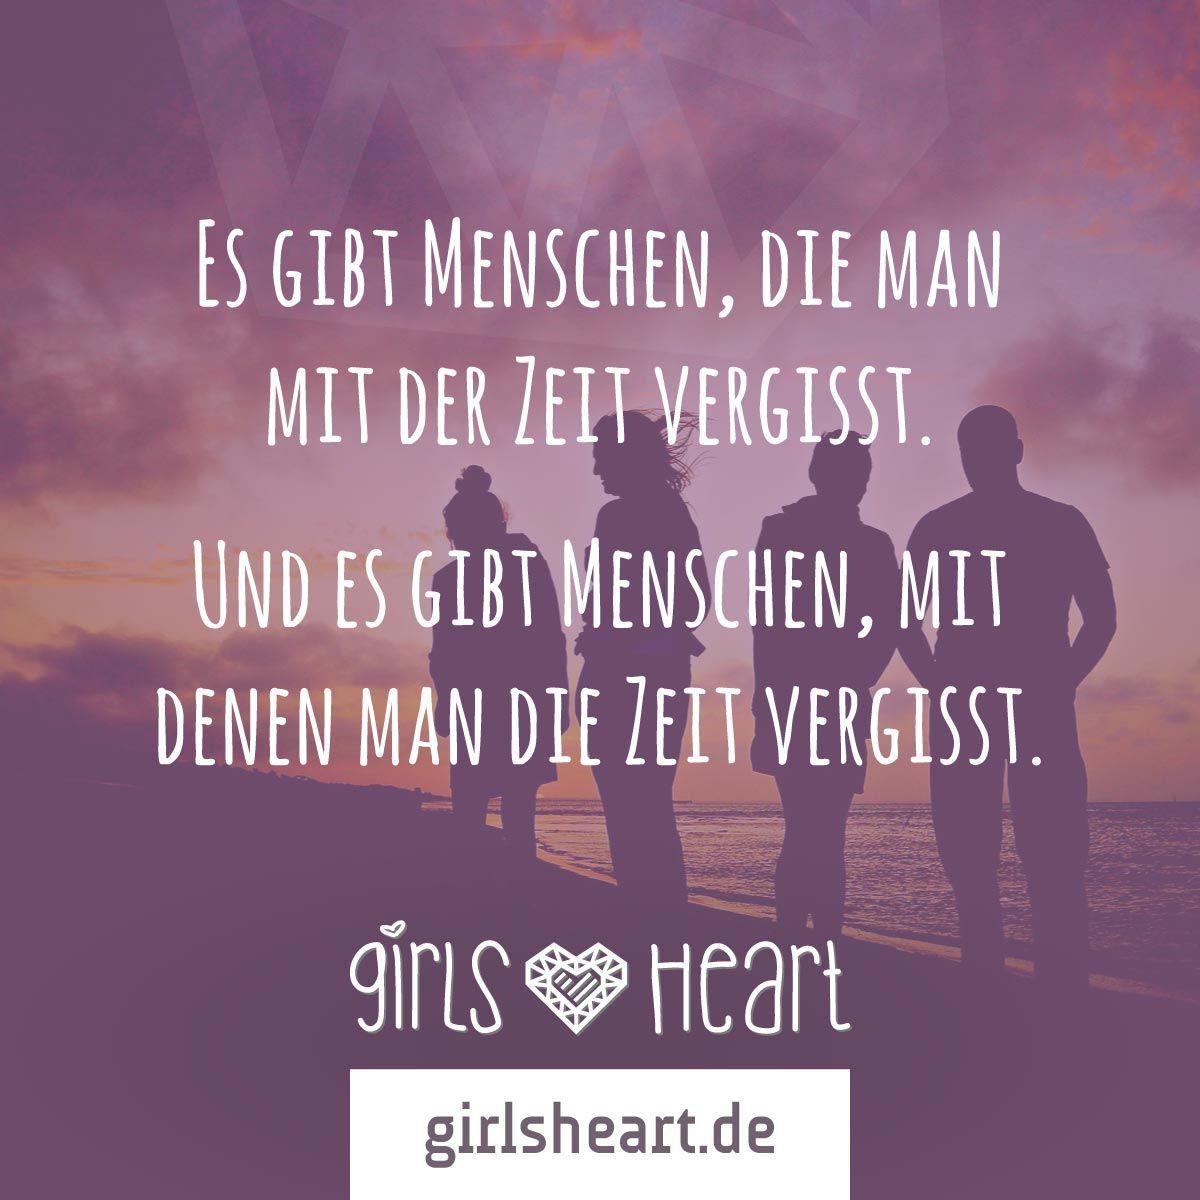 Mehr Sprüche Auf: Www.girlsheart.de #menschen #freunde ganzes Sprüche Freundschaft Familie